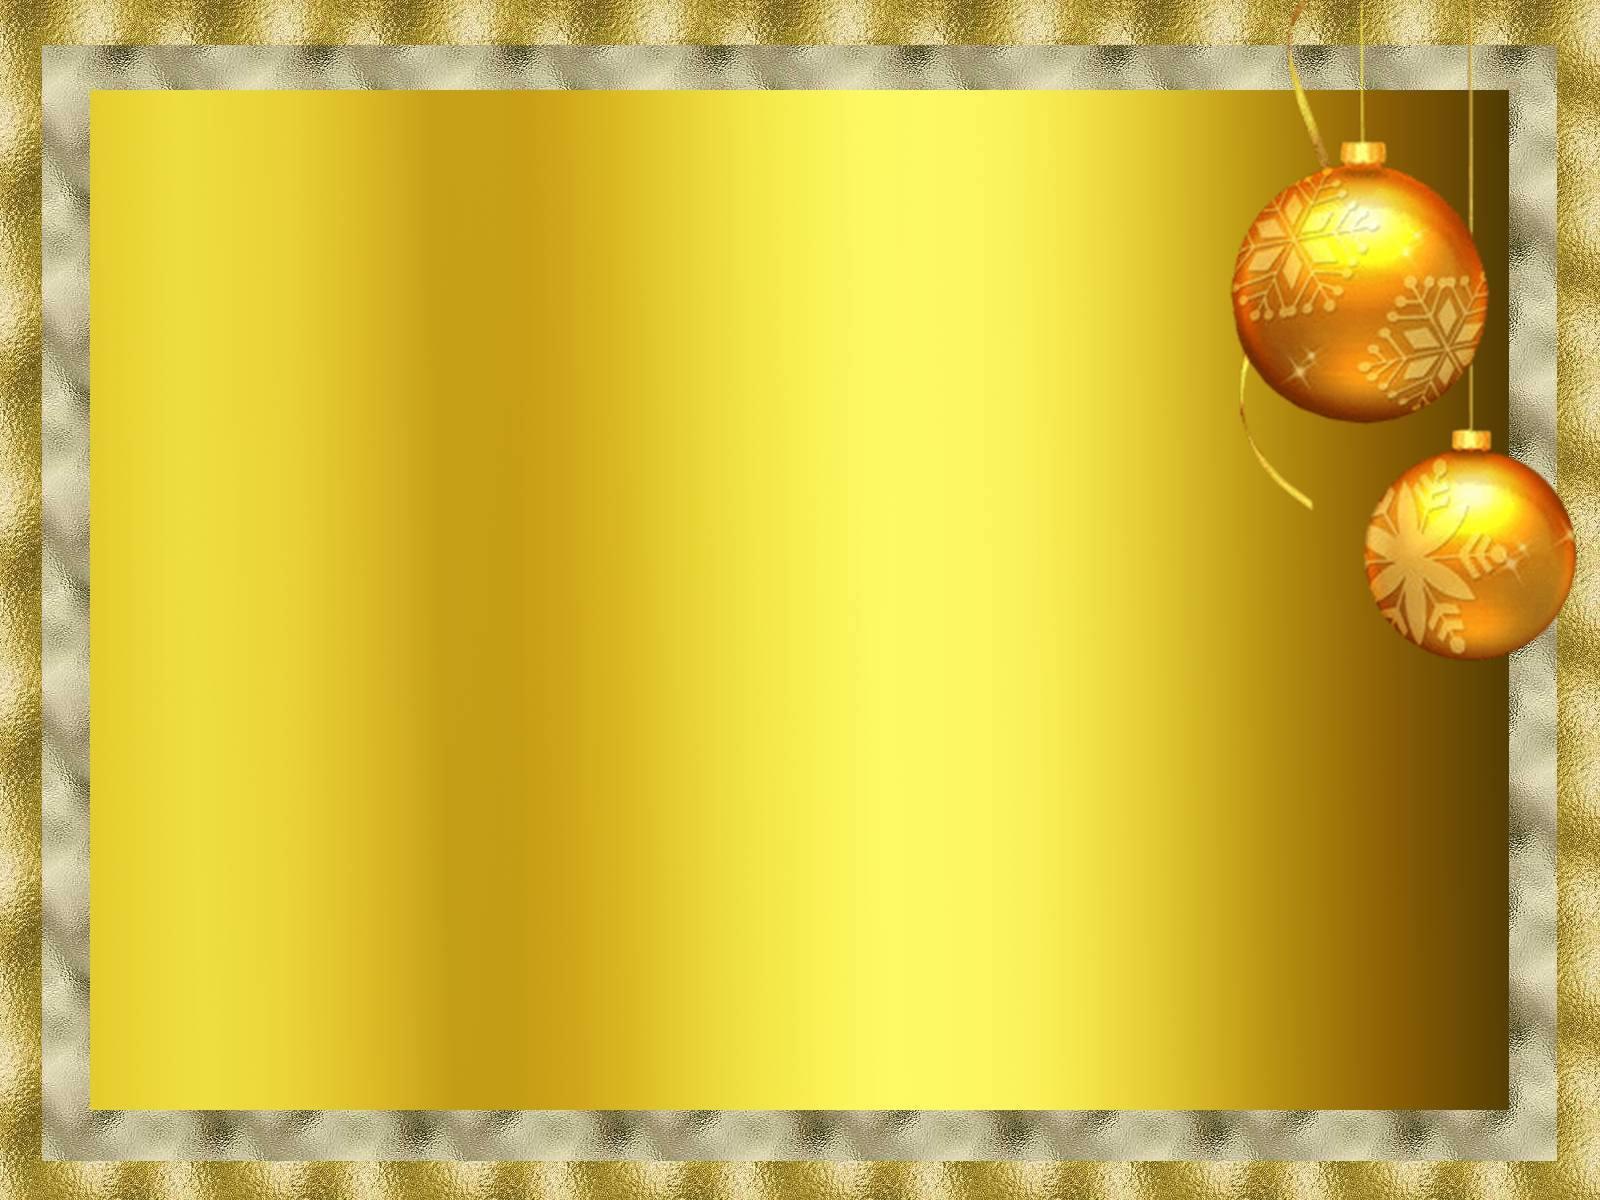 Fondos Pantalla Animados De Navidad: Fondos Para Hacer Tus Wallpapers De Navidad,christmas